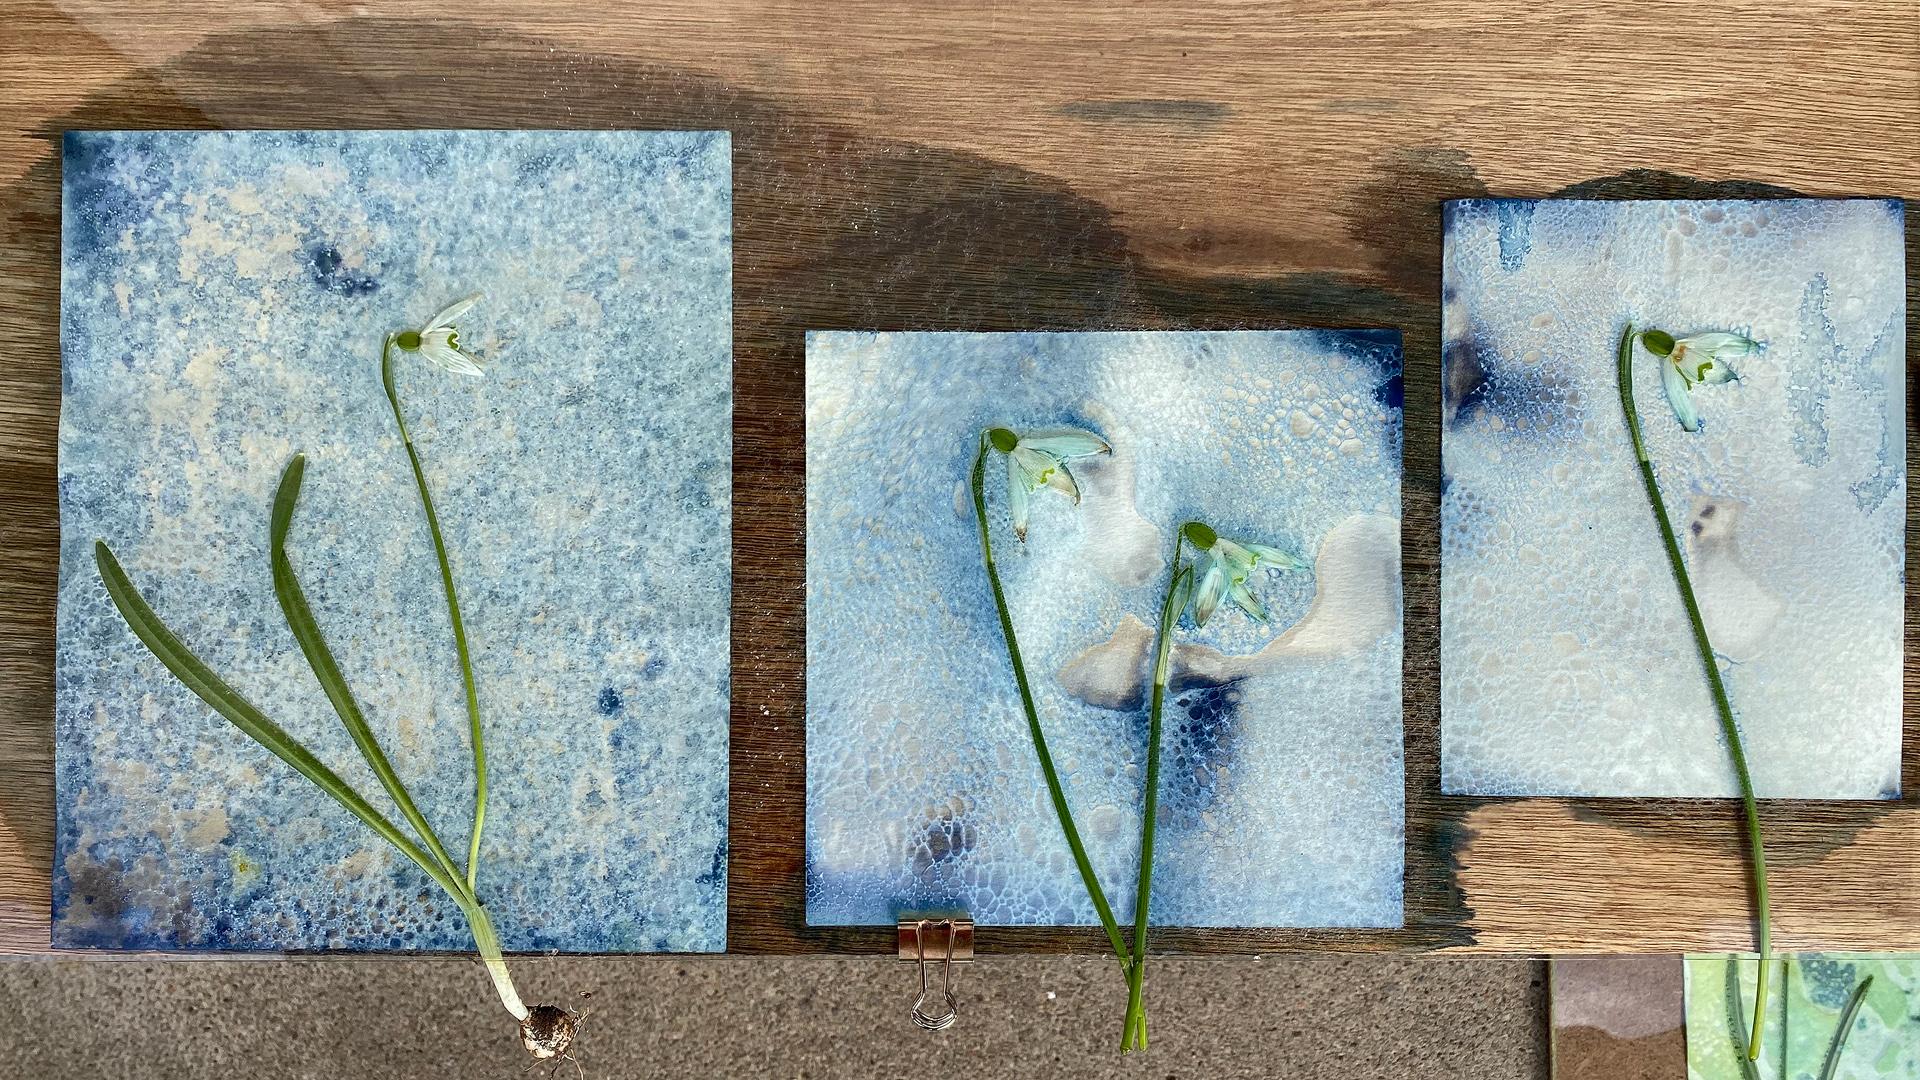 Wet Cyanotype after perhaps 10 minute exposure